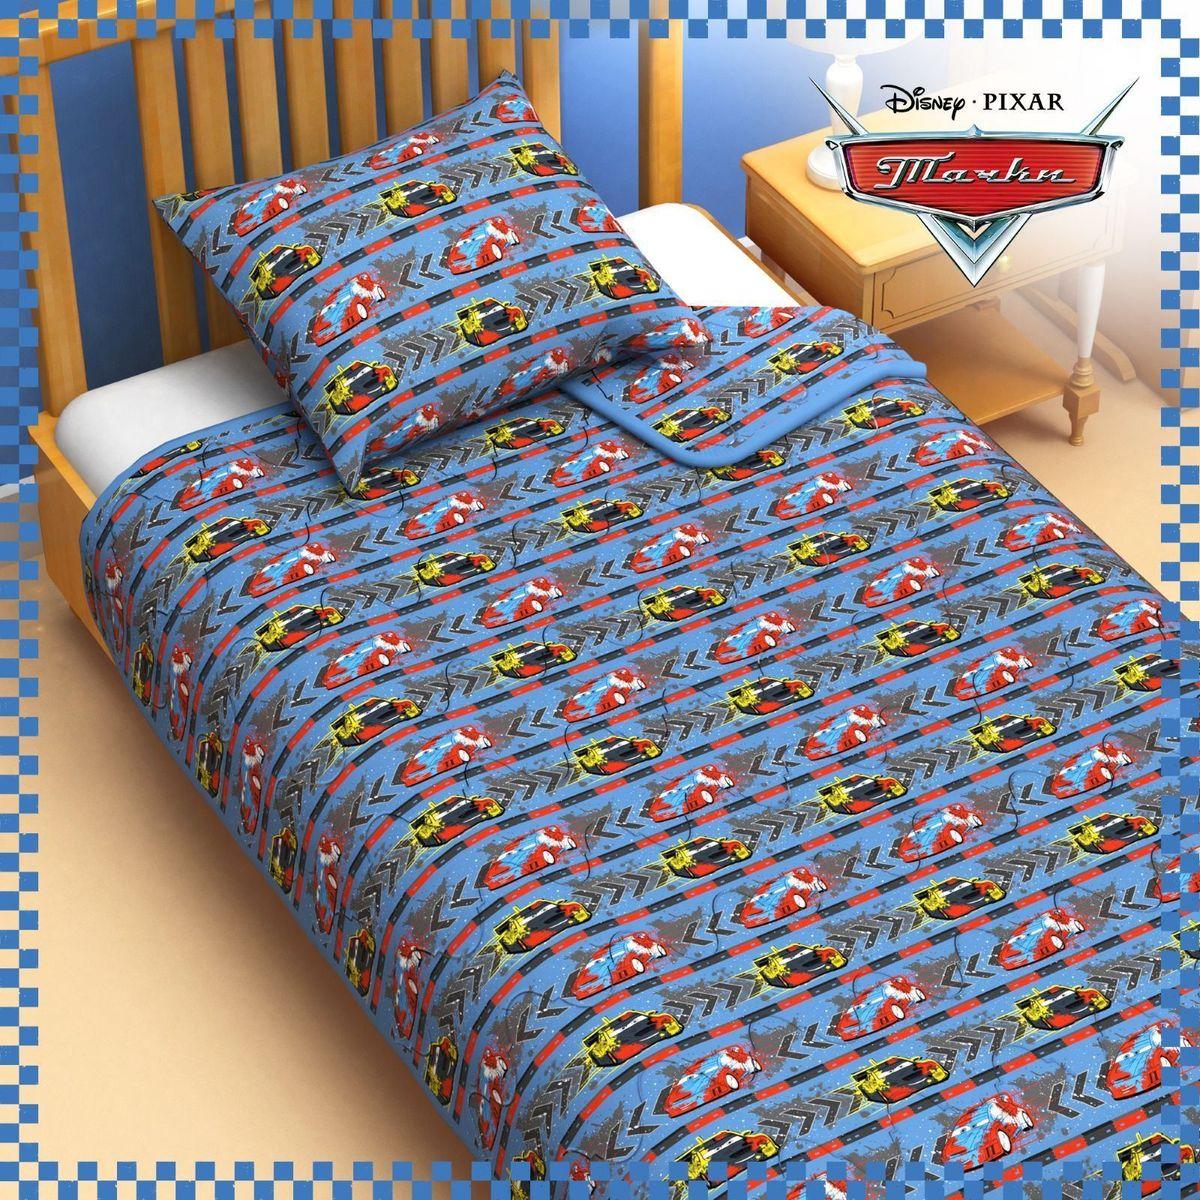 Disney Одеяло 1,5 спальное Тачки 140 х 205 см 11531721153172Сказочные сны с любимыми героями Disney. Маленький любитель мультфильмов Disney будет в восторге от этого яркого одеяла ! Оно подарит крохе захватывающие сны и по-настоящему доброе утро. Почему? Потому что одеяло изготовлено в России на современном оборудовании, а при нанесении рисунка использовались только качественные европейские красители. Над дизайном работала команда настоящих мастеров своего дела: очаровательные персонажи мультфильмов, детально проработанная картинка, гармоничное сочетание цветов — всё это результат их кропотливой работы. В качестве наполнителя для изделия используется файбер — практичный, безопасный и мягкий материал. Именно поэтому одеяло: поддерживает комфортную температуру тела во время сна; не способствует появлению аллергии и раздражения; позволяет коже дышать и впитывает влагу; хорошо переносит многочисленные стирки, сохраняя первоначальную форму и внешний вид; Чехол выполнен из поплина — прочной, невероятно...